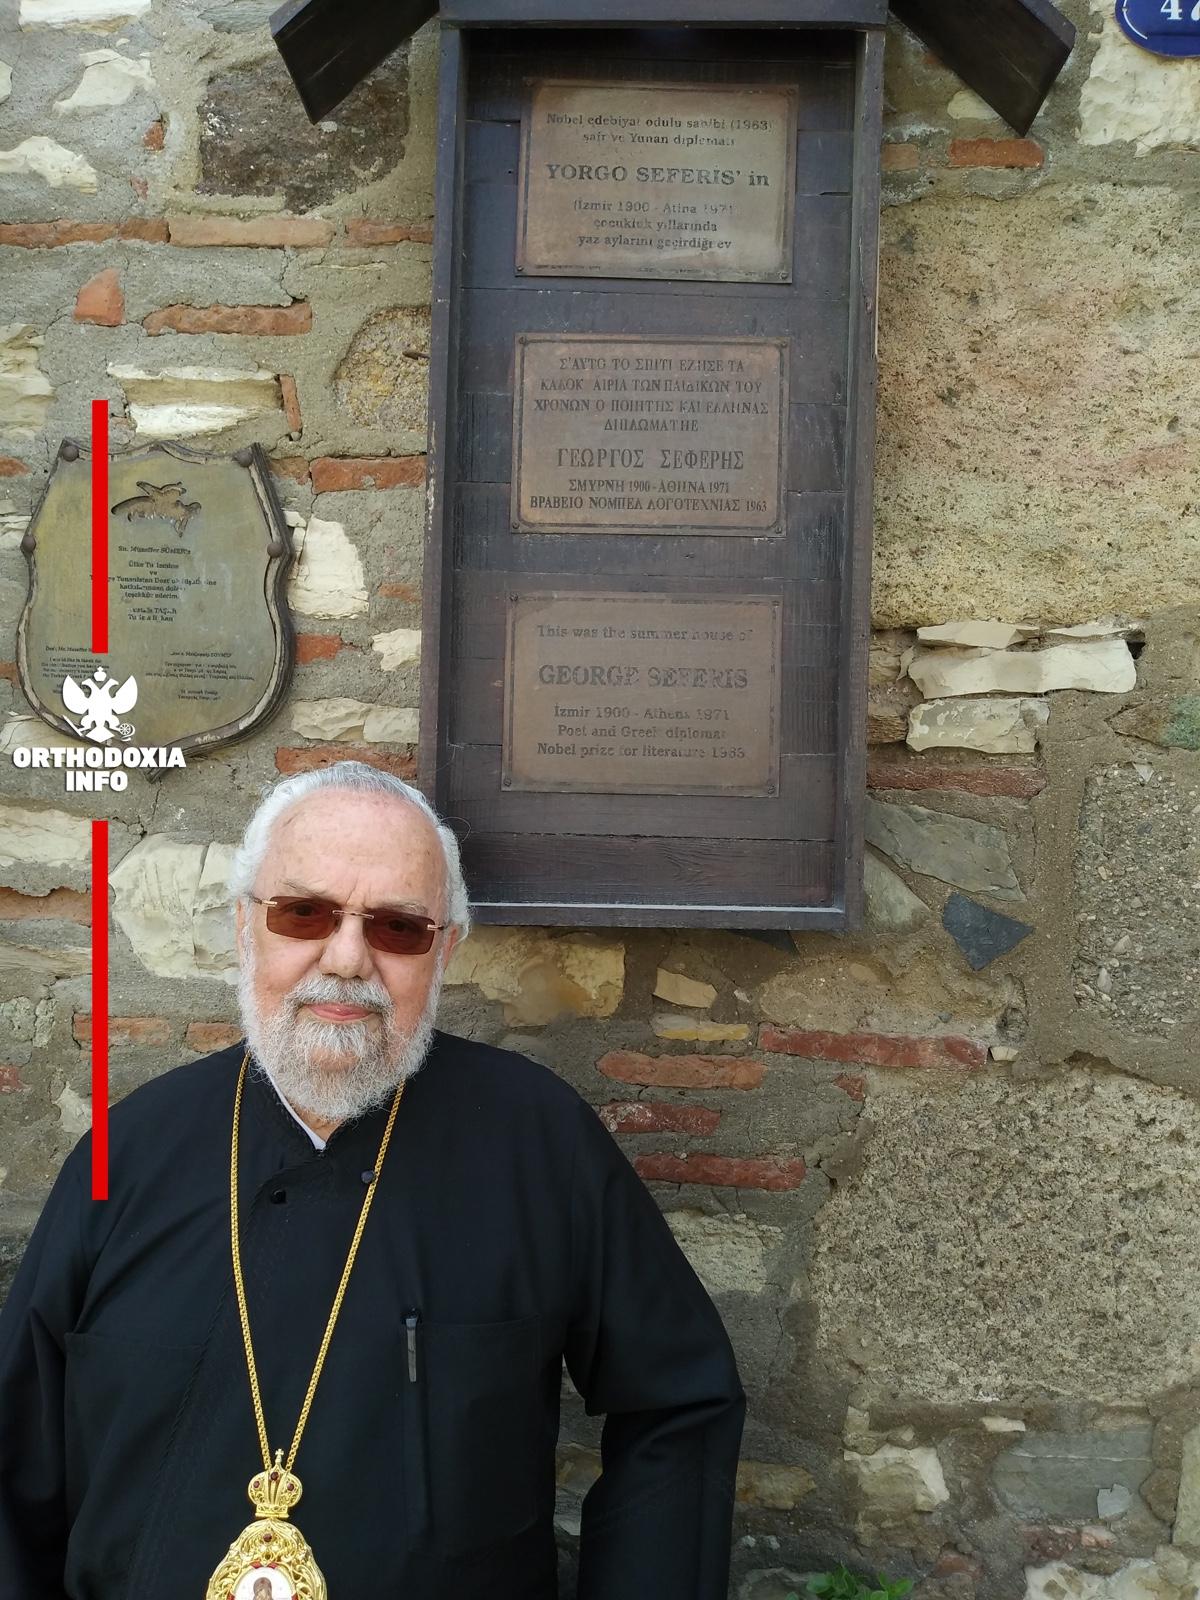 Οικία νομπελίστα ποιητή Γεώργιου Σεφέρη